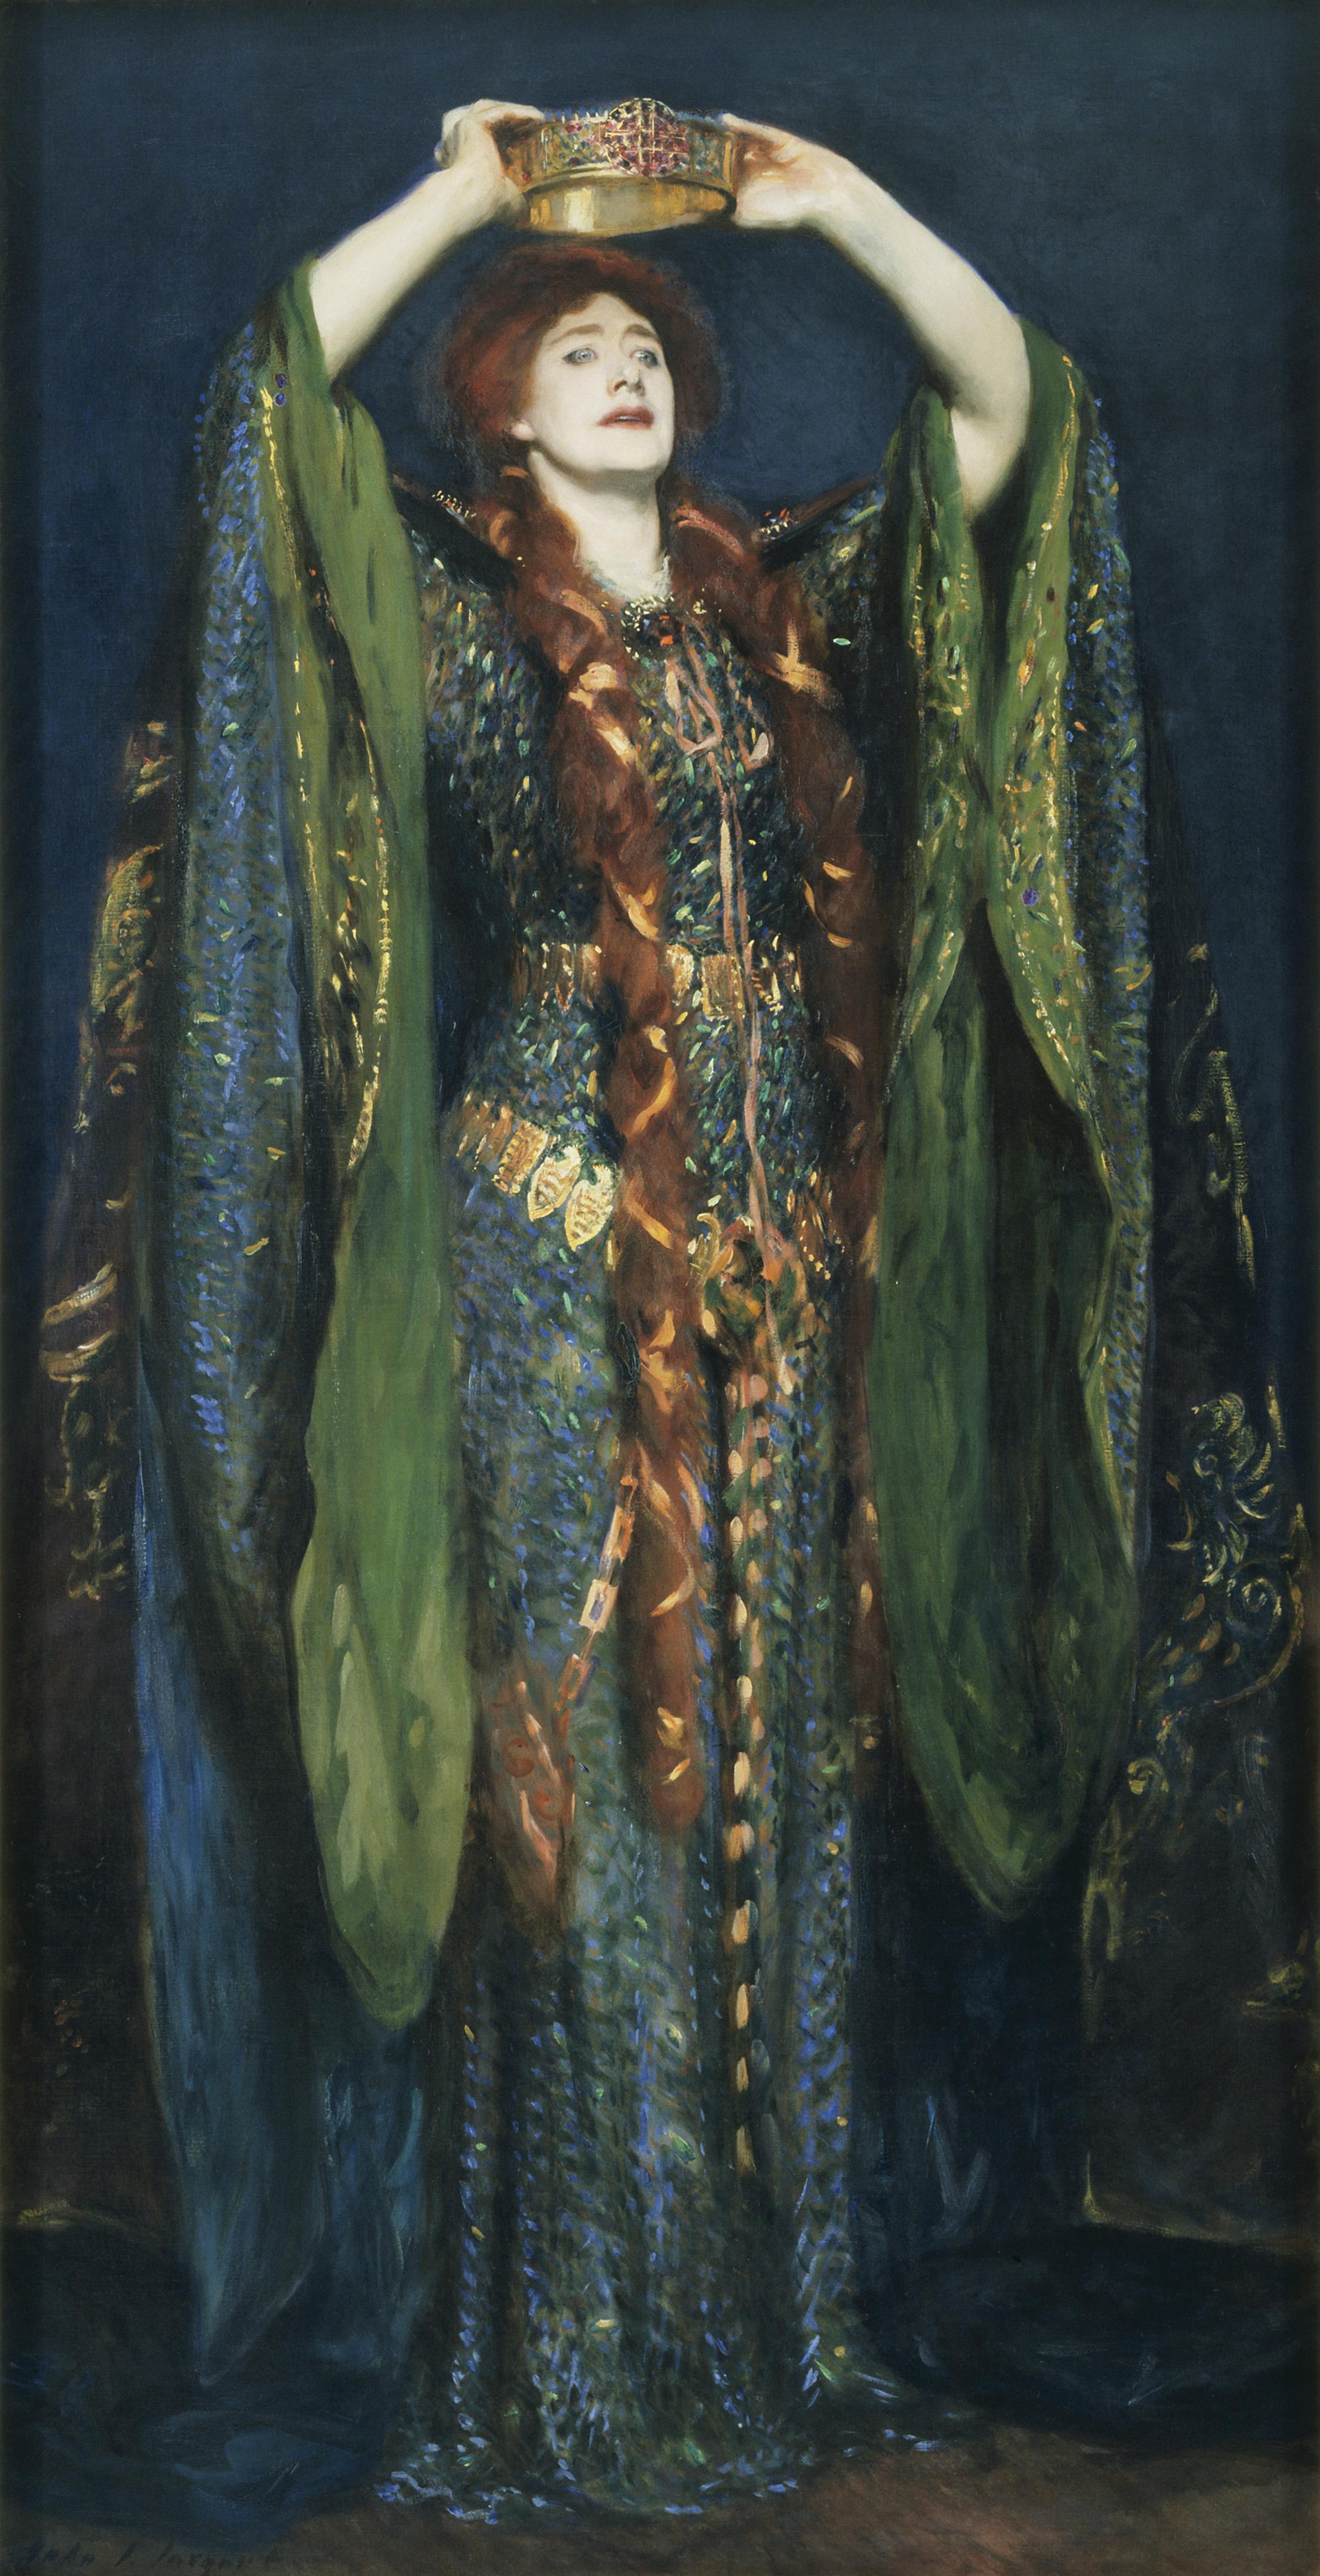 John Faulkner Paintings Ellen Terry As Lady Macbeth